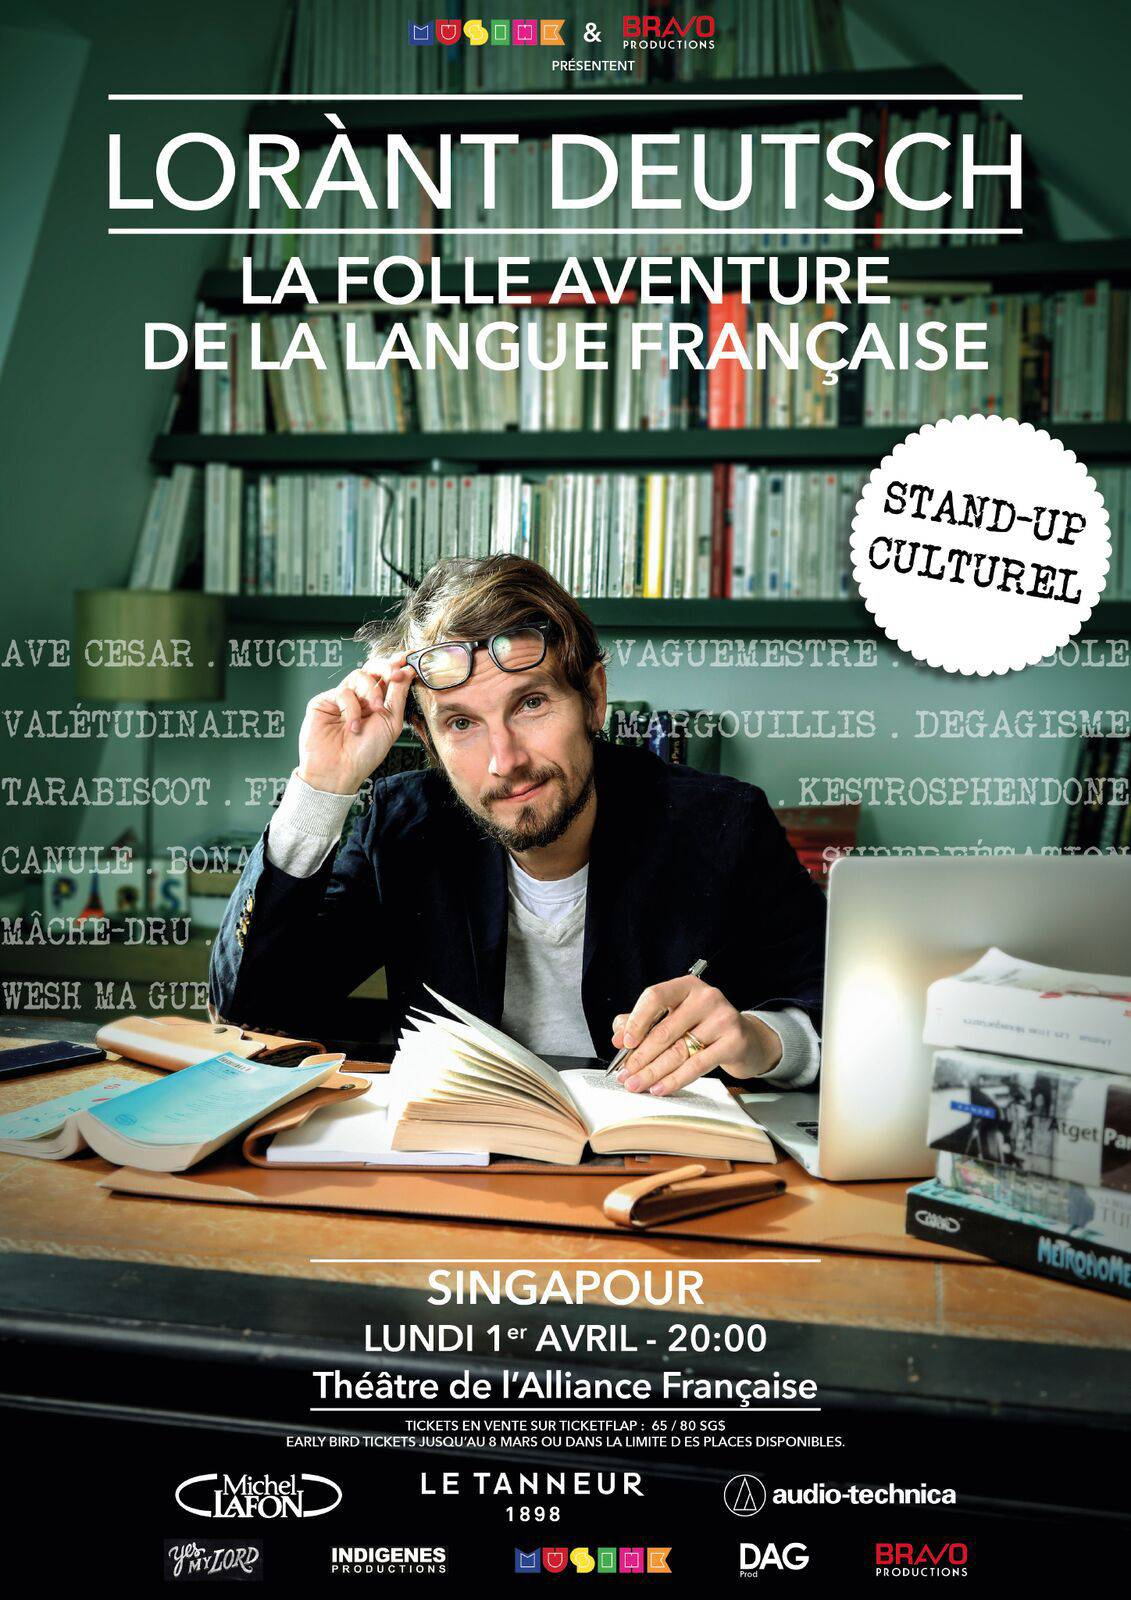 image-La folle aventure de la langue Française